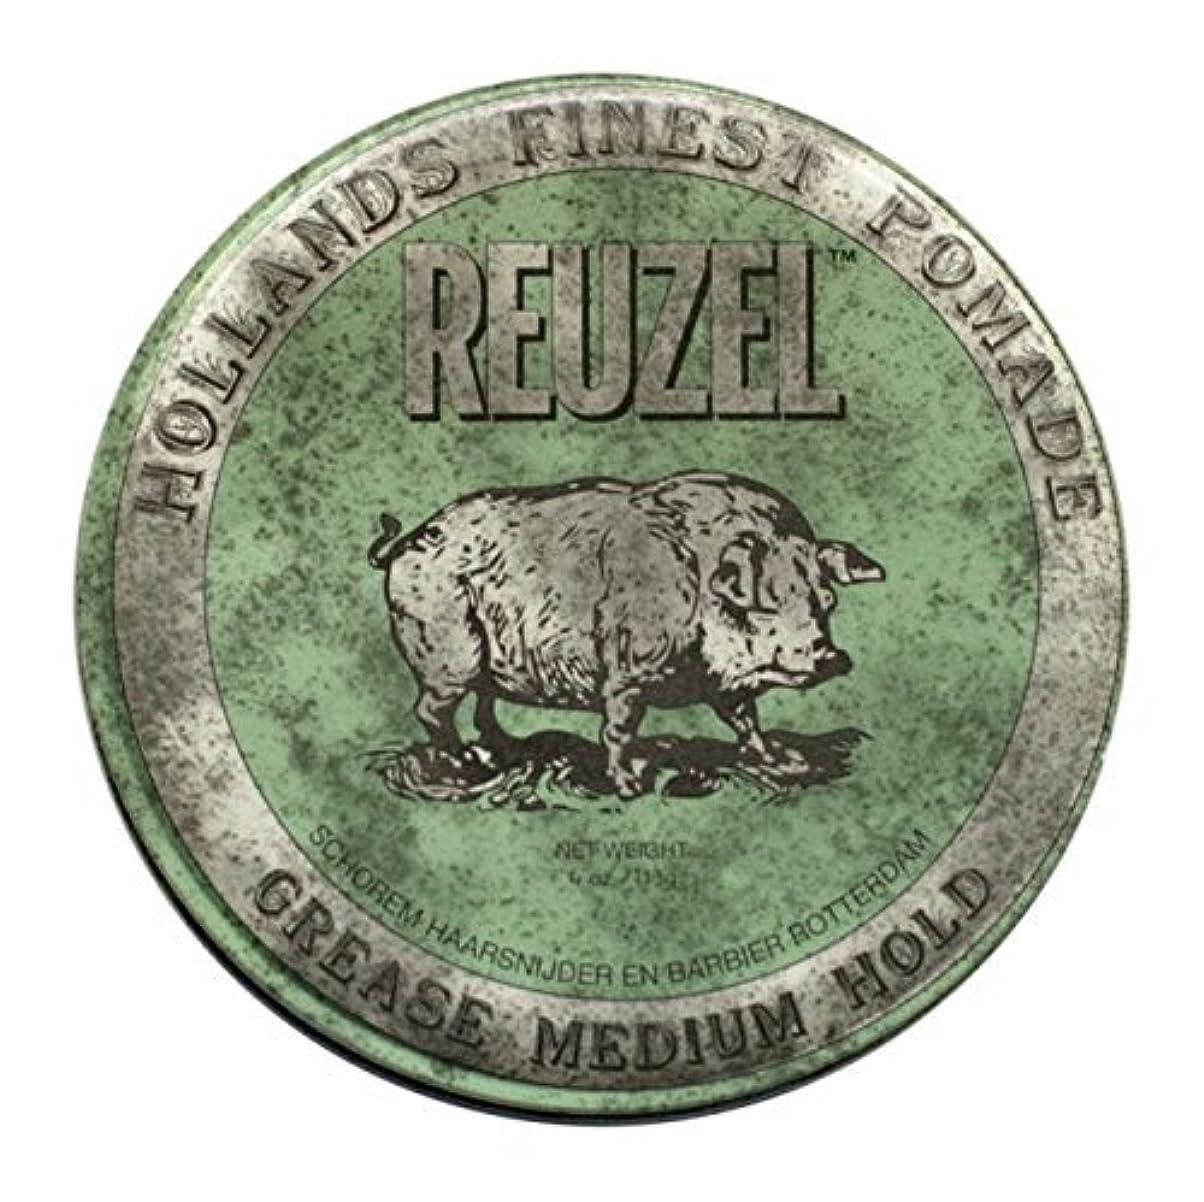 オーバードロー願う磁気Reuzel Green Grease Medium Hold Hair Styling Pomade Piglet 1.3oz (35g) Wax/Gel by Reuzel